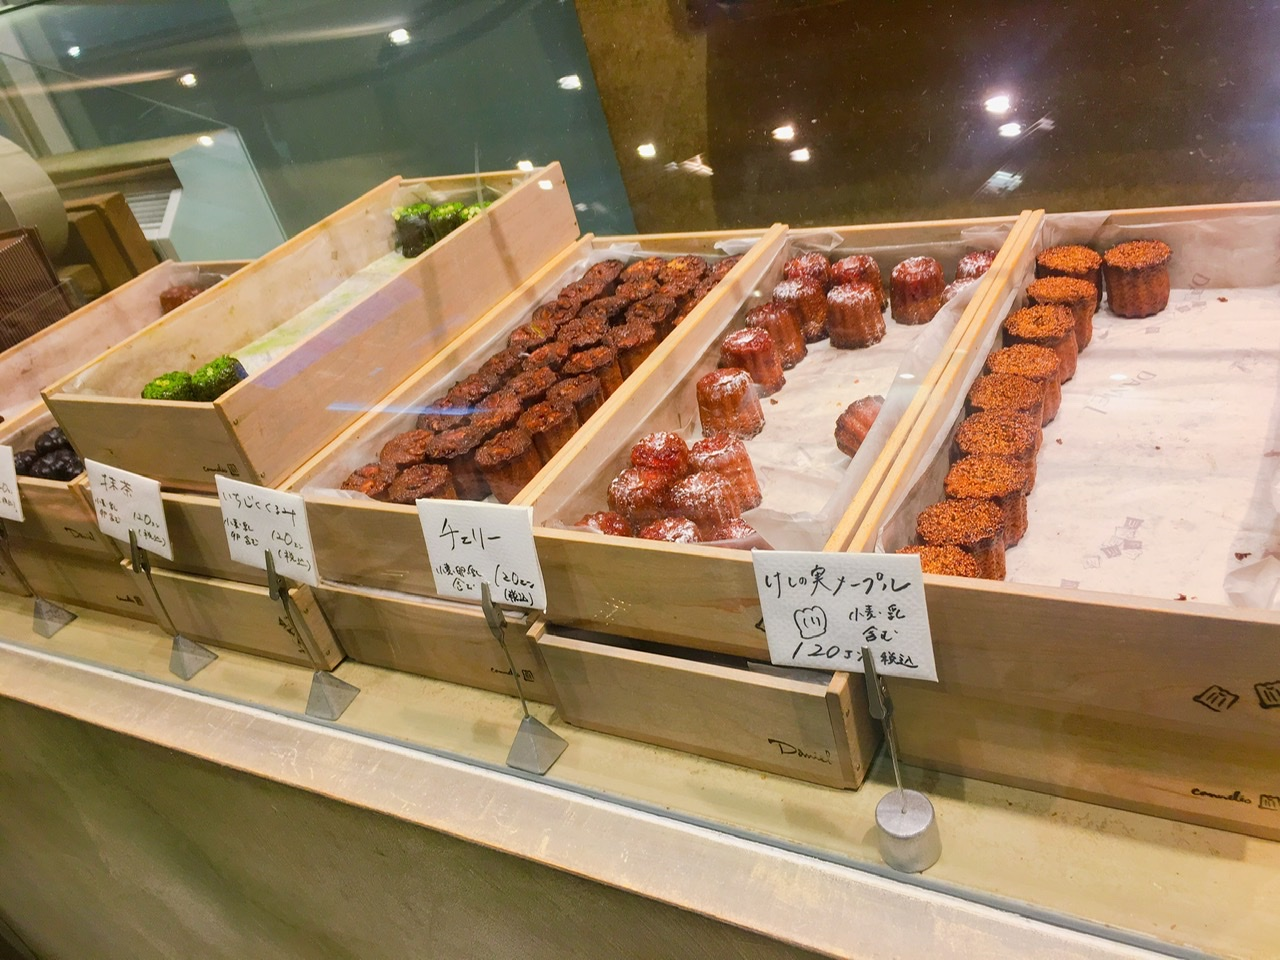 フランスの伝統的な洋菓子『カヌレ』の人気が止まらない?!_5